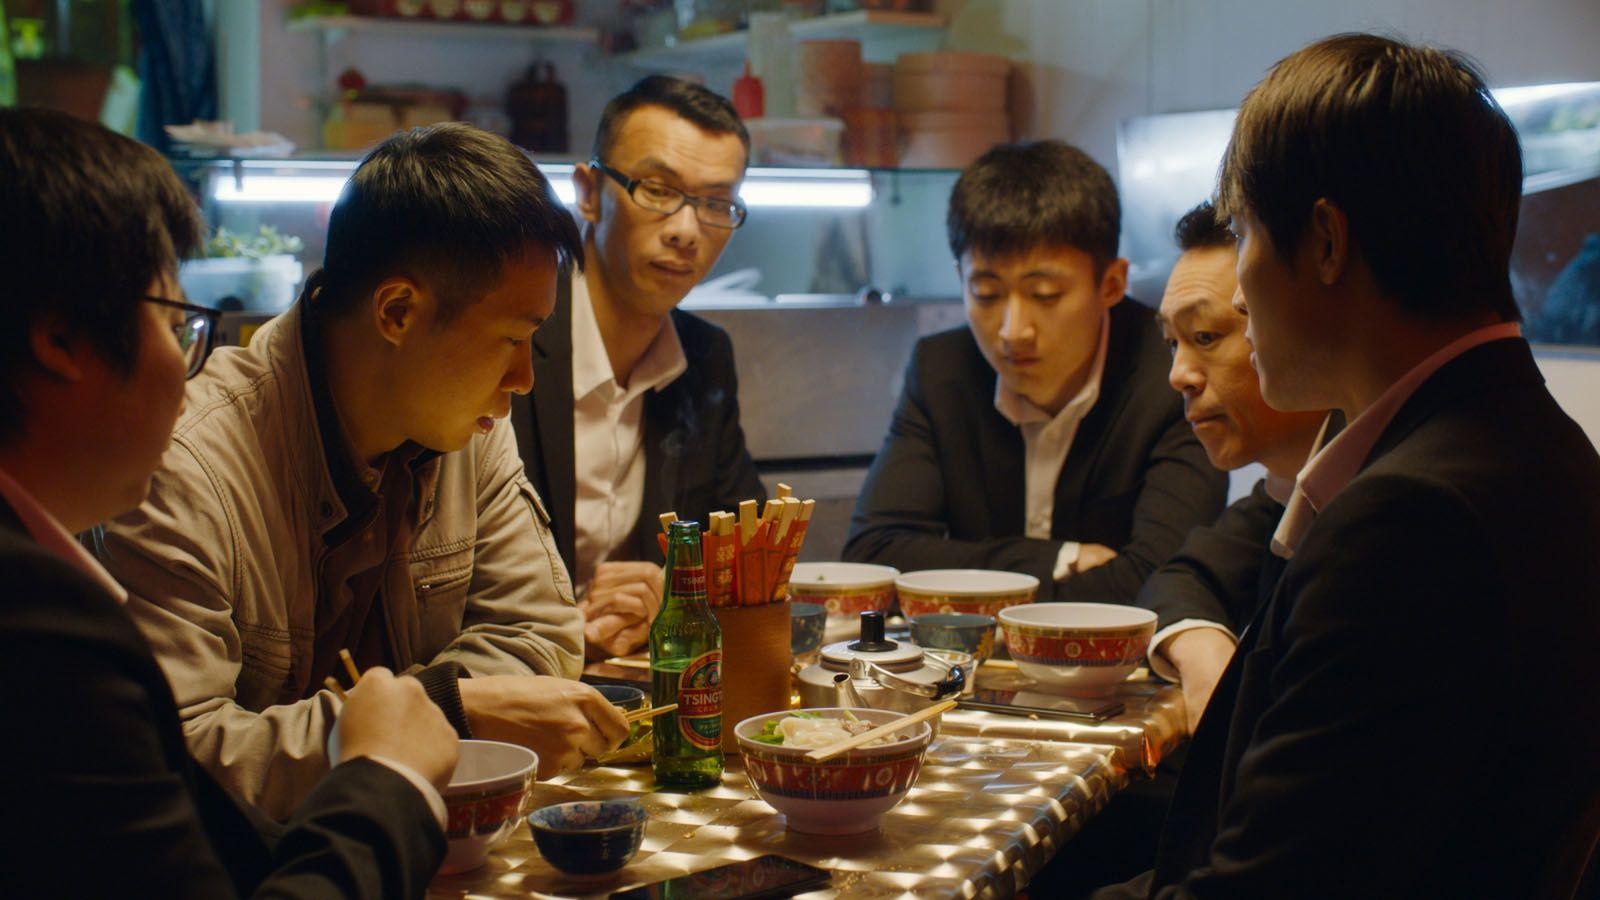 La nuit venue (BANDE-ANNONCE) avec Camélia Jordana, Guang Huo, Yilin Yang - Le 15 juillet 2020 au cinéma